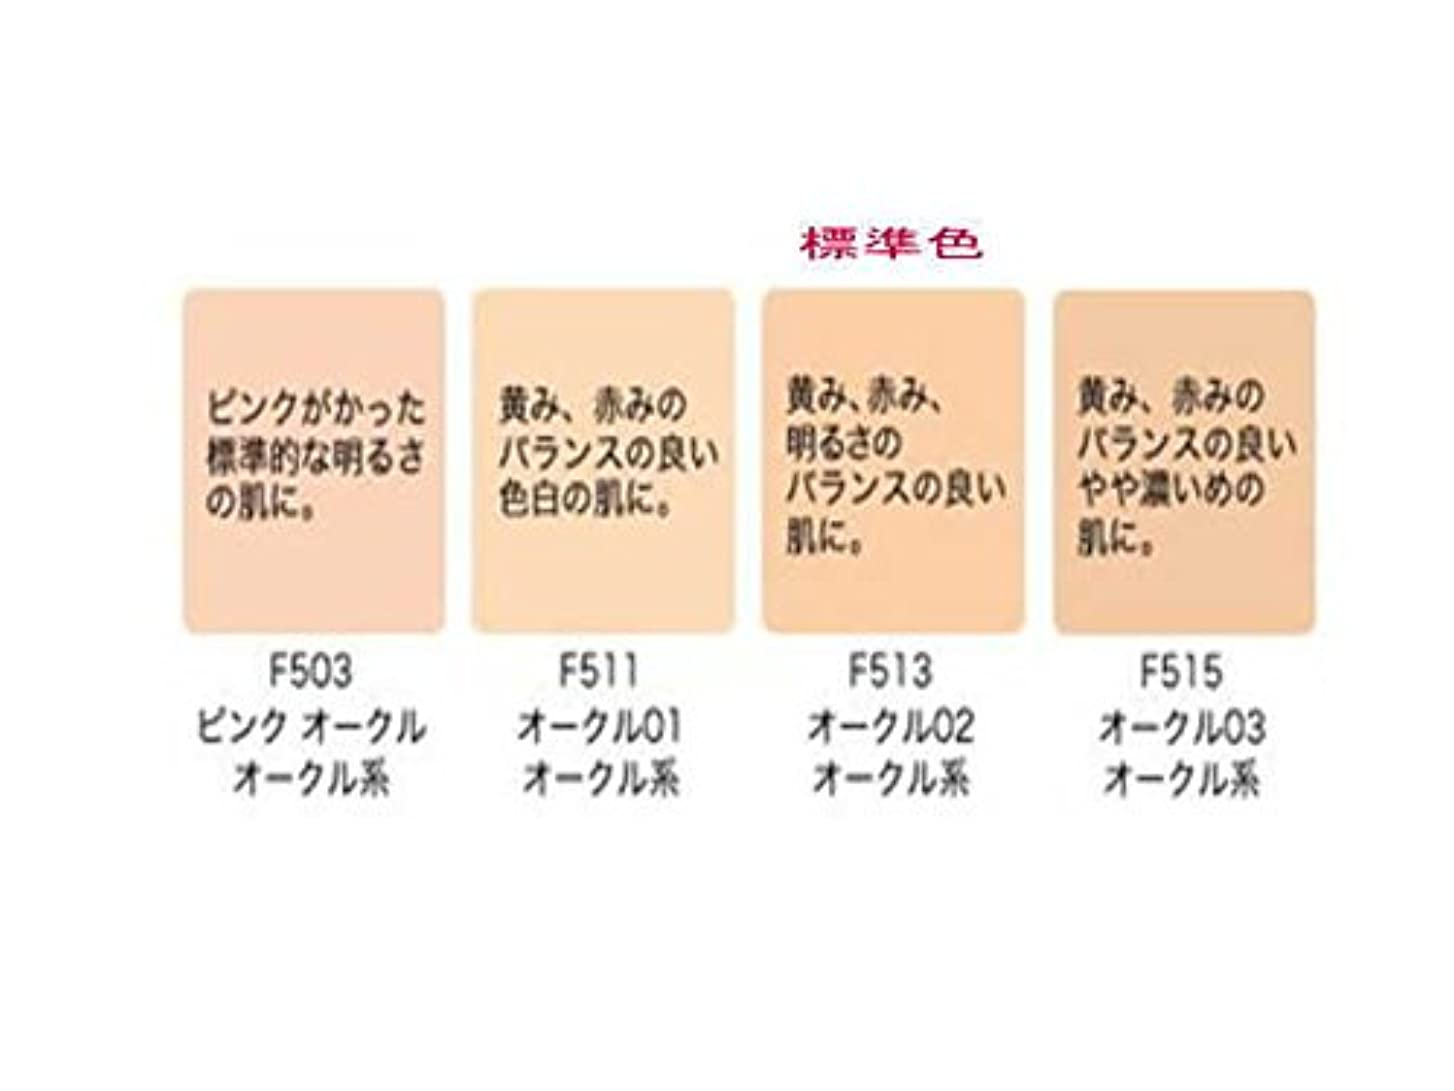 リフト分布コミュニティエイボン 新アクティア UV パウダーファンデーション(デュアル)EX (リフィル, F513オークル02)